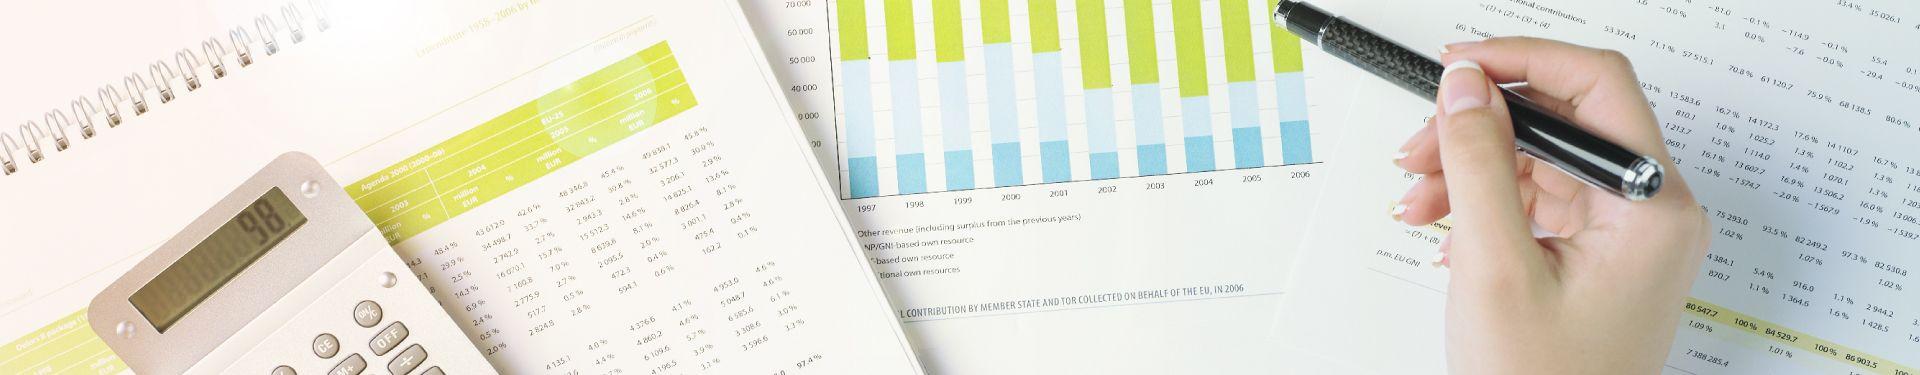 Λογιστική Παρακολούθηση Αγροτικών Συνεταιρισμών & Ομάδων Παραγωγών